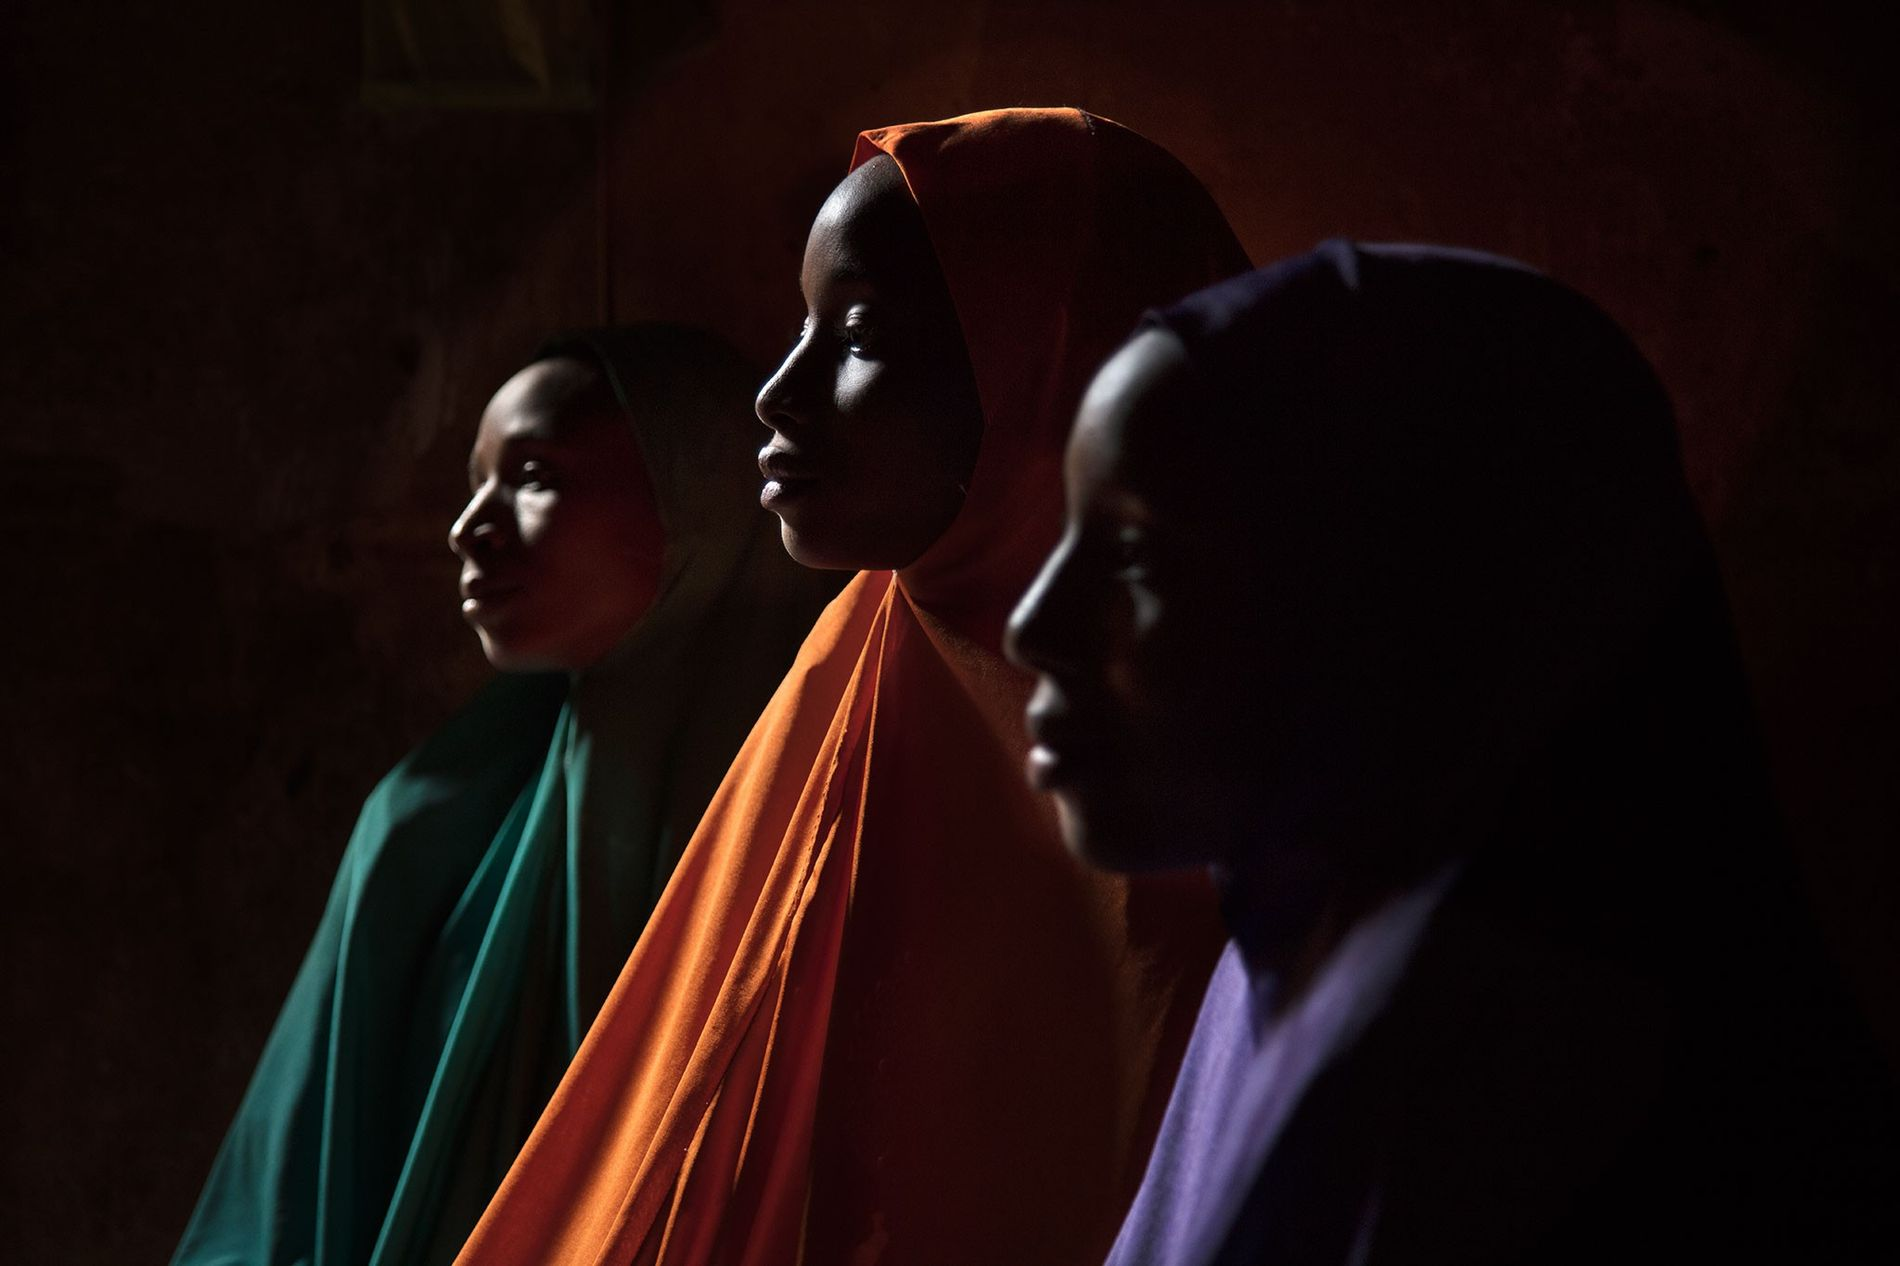 Ya Kaka est photographiée ici avec ses sœurs Yagana, 21 ans (à gauche), et Falimata, 14 ans (à droite). Toutes trois ont été enlevées et retenues en captivité par Boko Haram. Le petit frère et la plus jeune sœur de Ya Kaka, âgés respectivement de 6 et 5 ans, ont également été enlevés, mais on ignore où ils se trouvent.